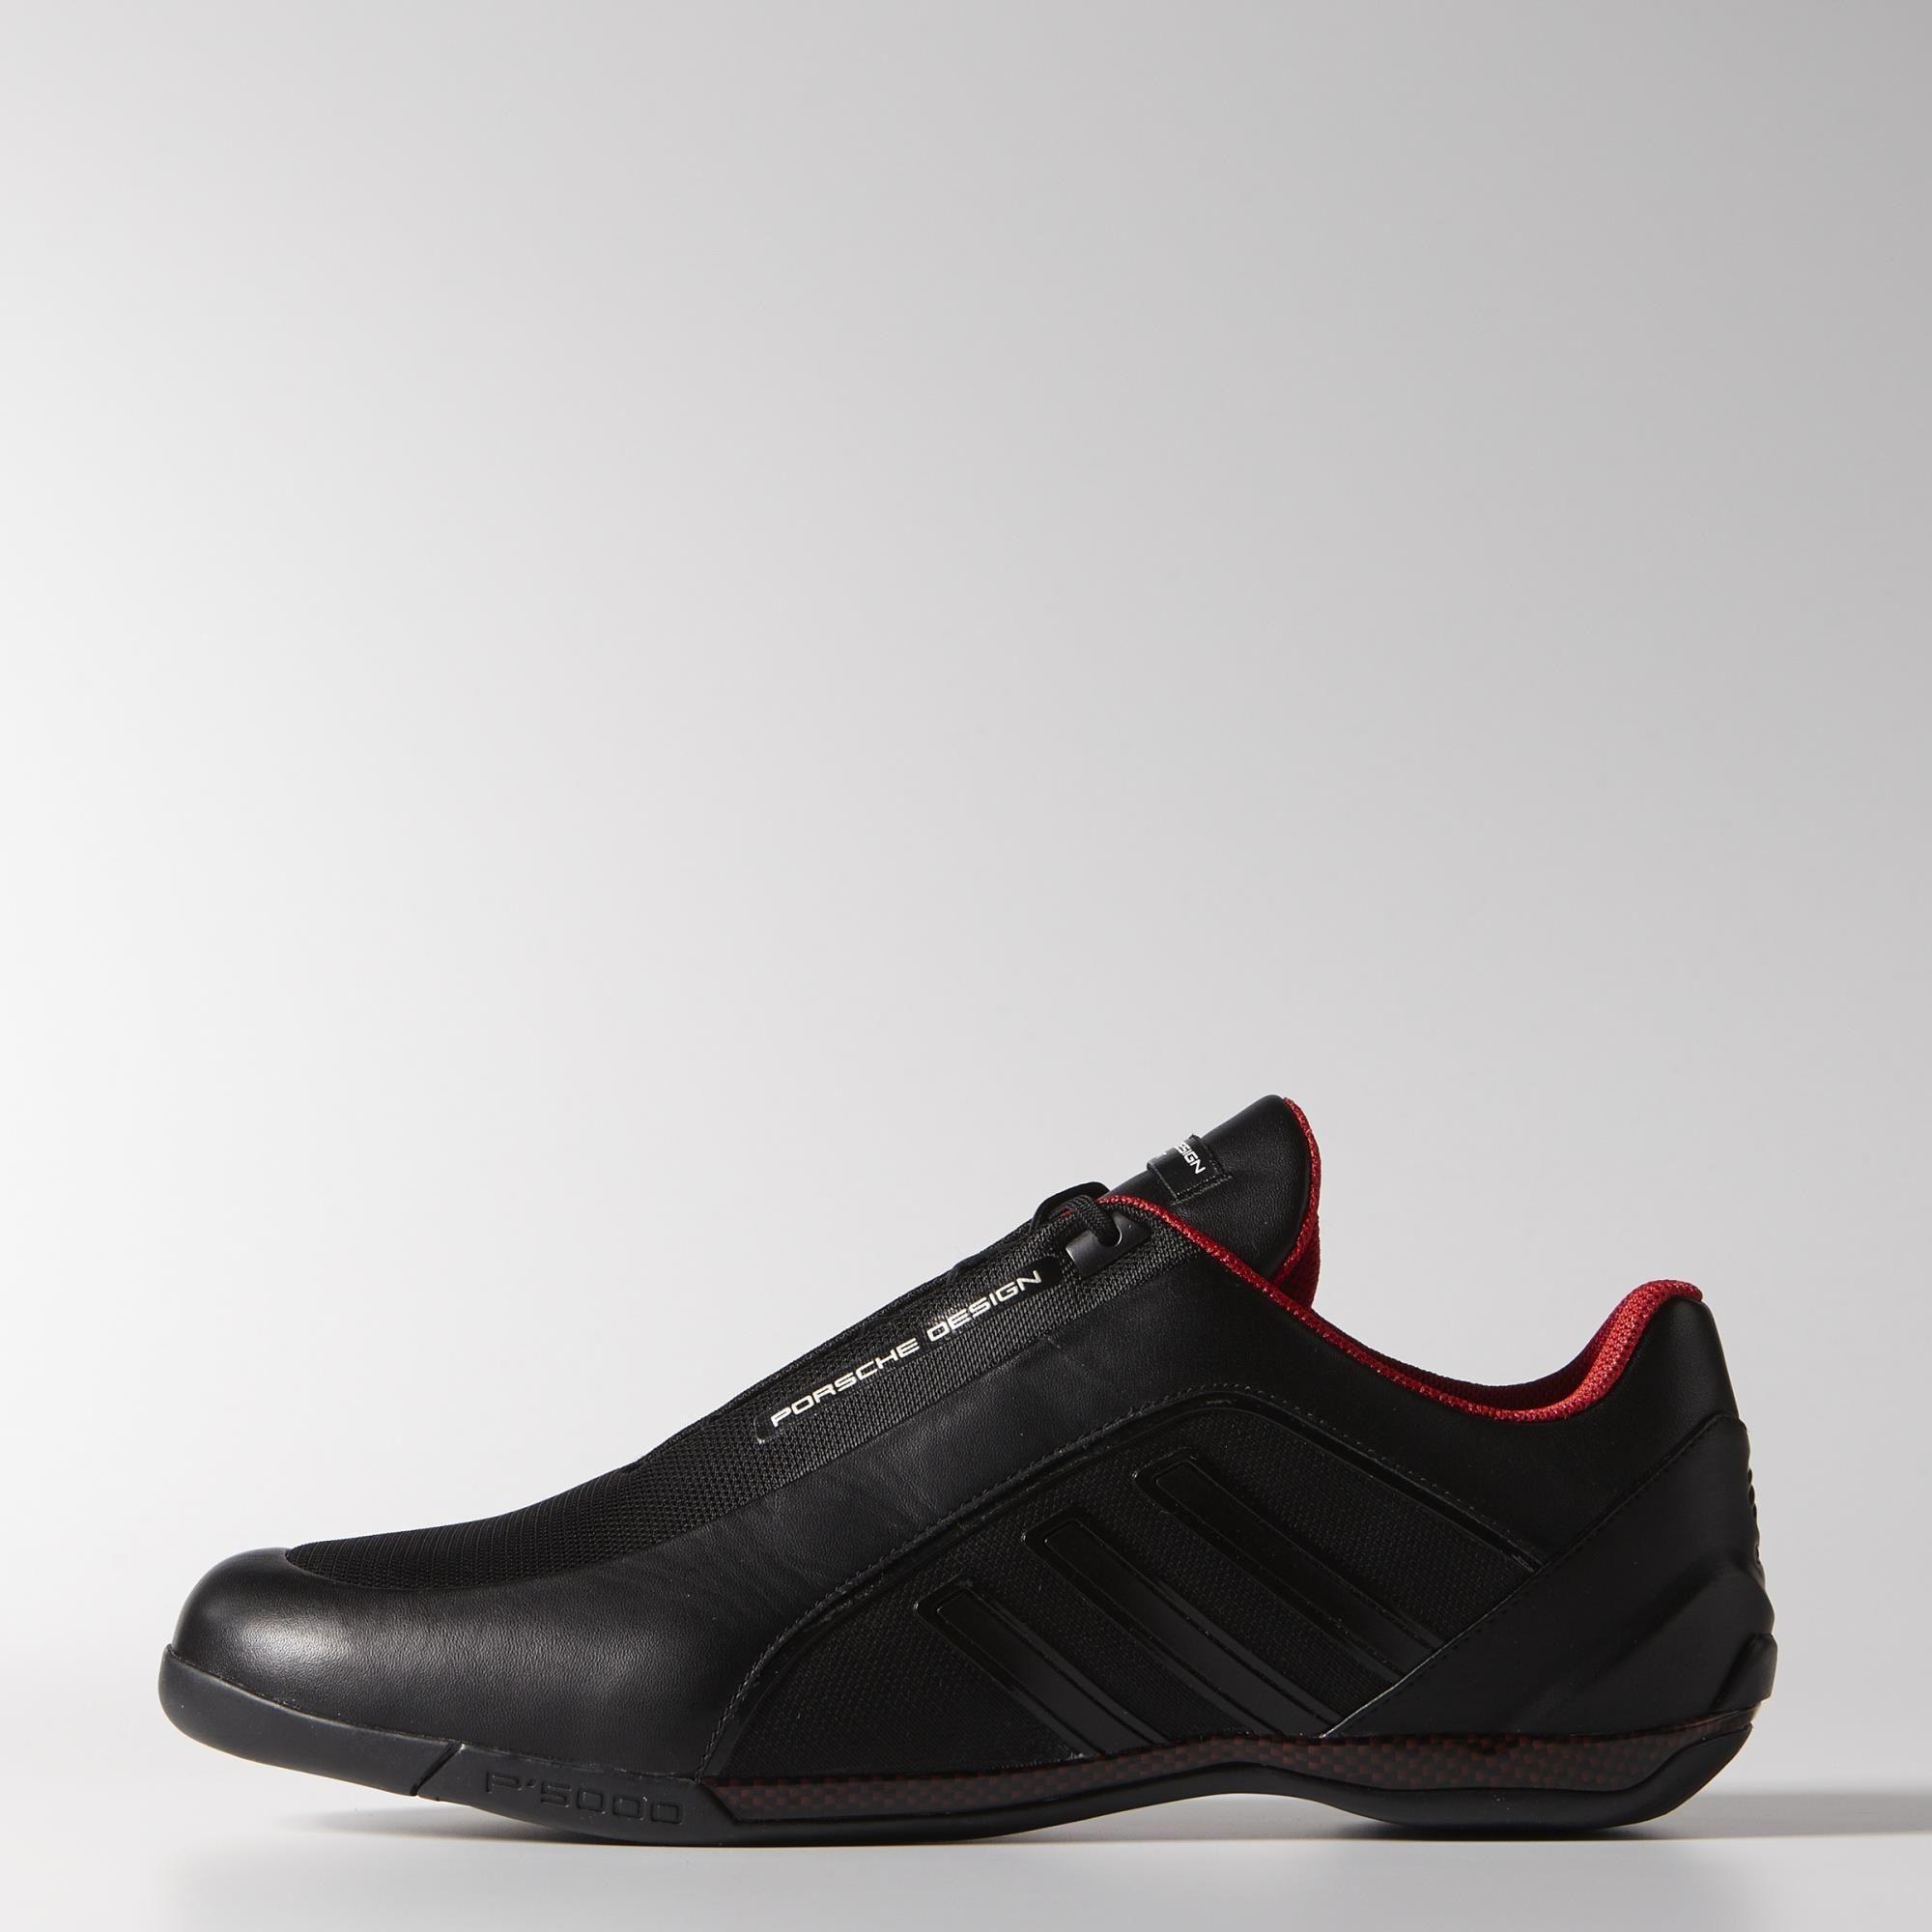 «Адидас Порше Дизайн кроссовки для авто и не только Кроссовки порше дизайн адидас со скидкой